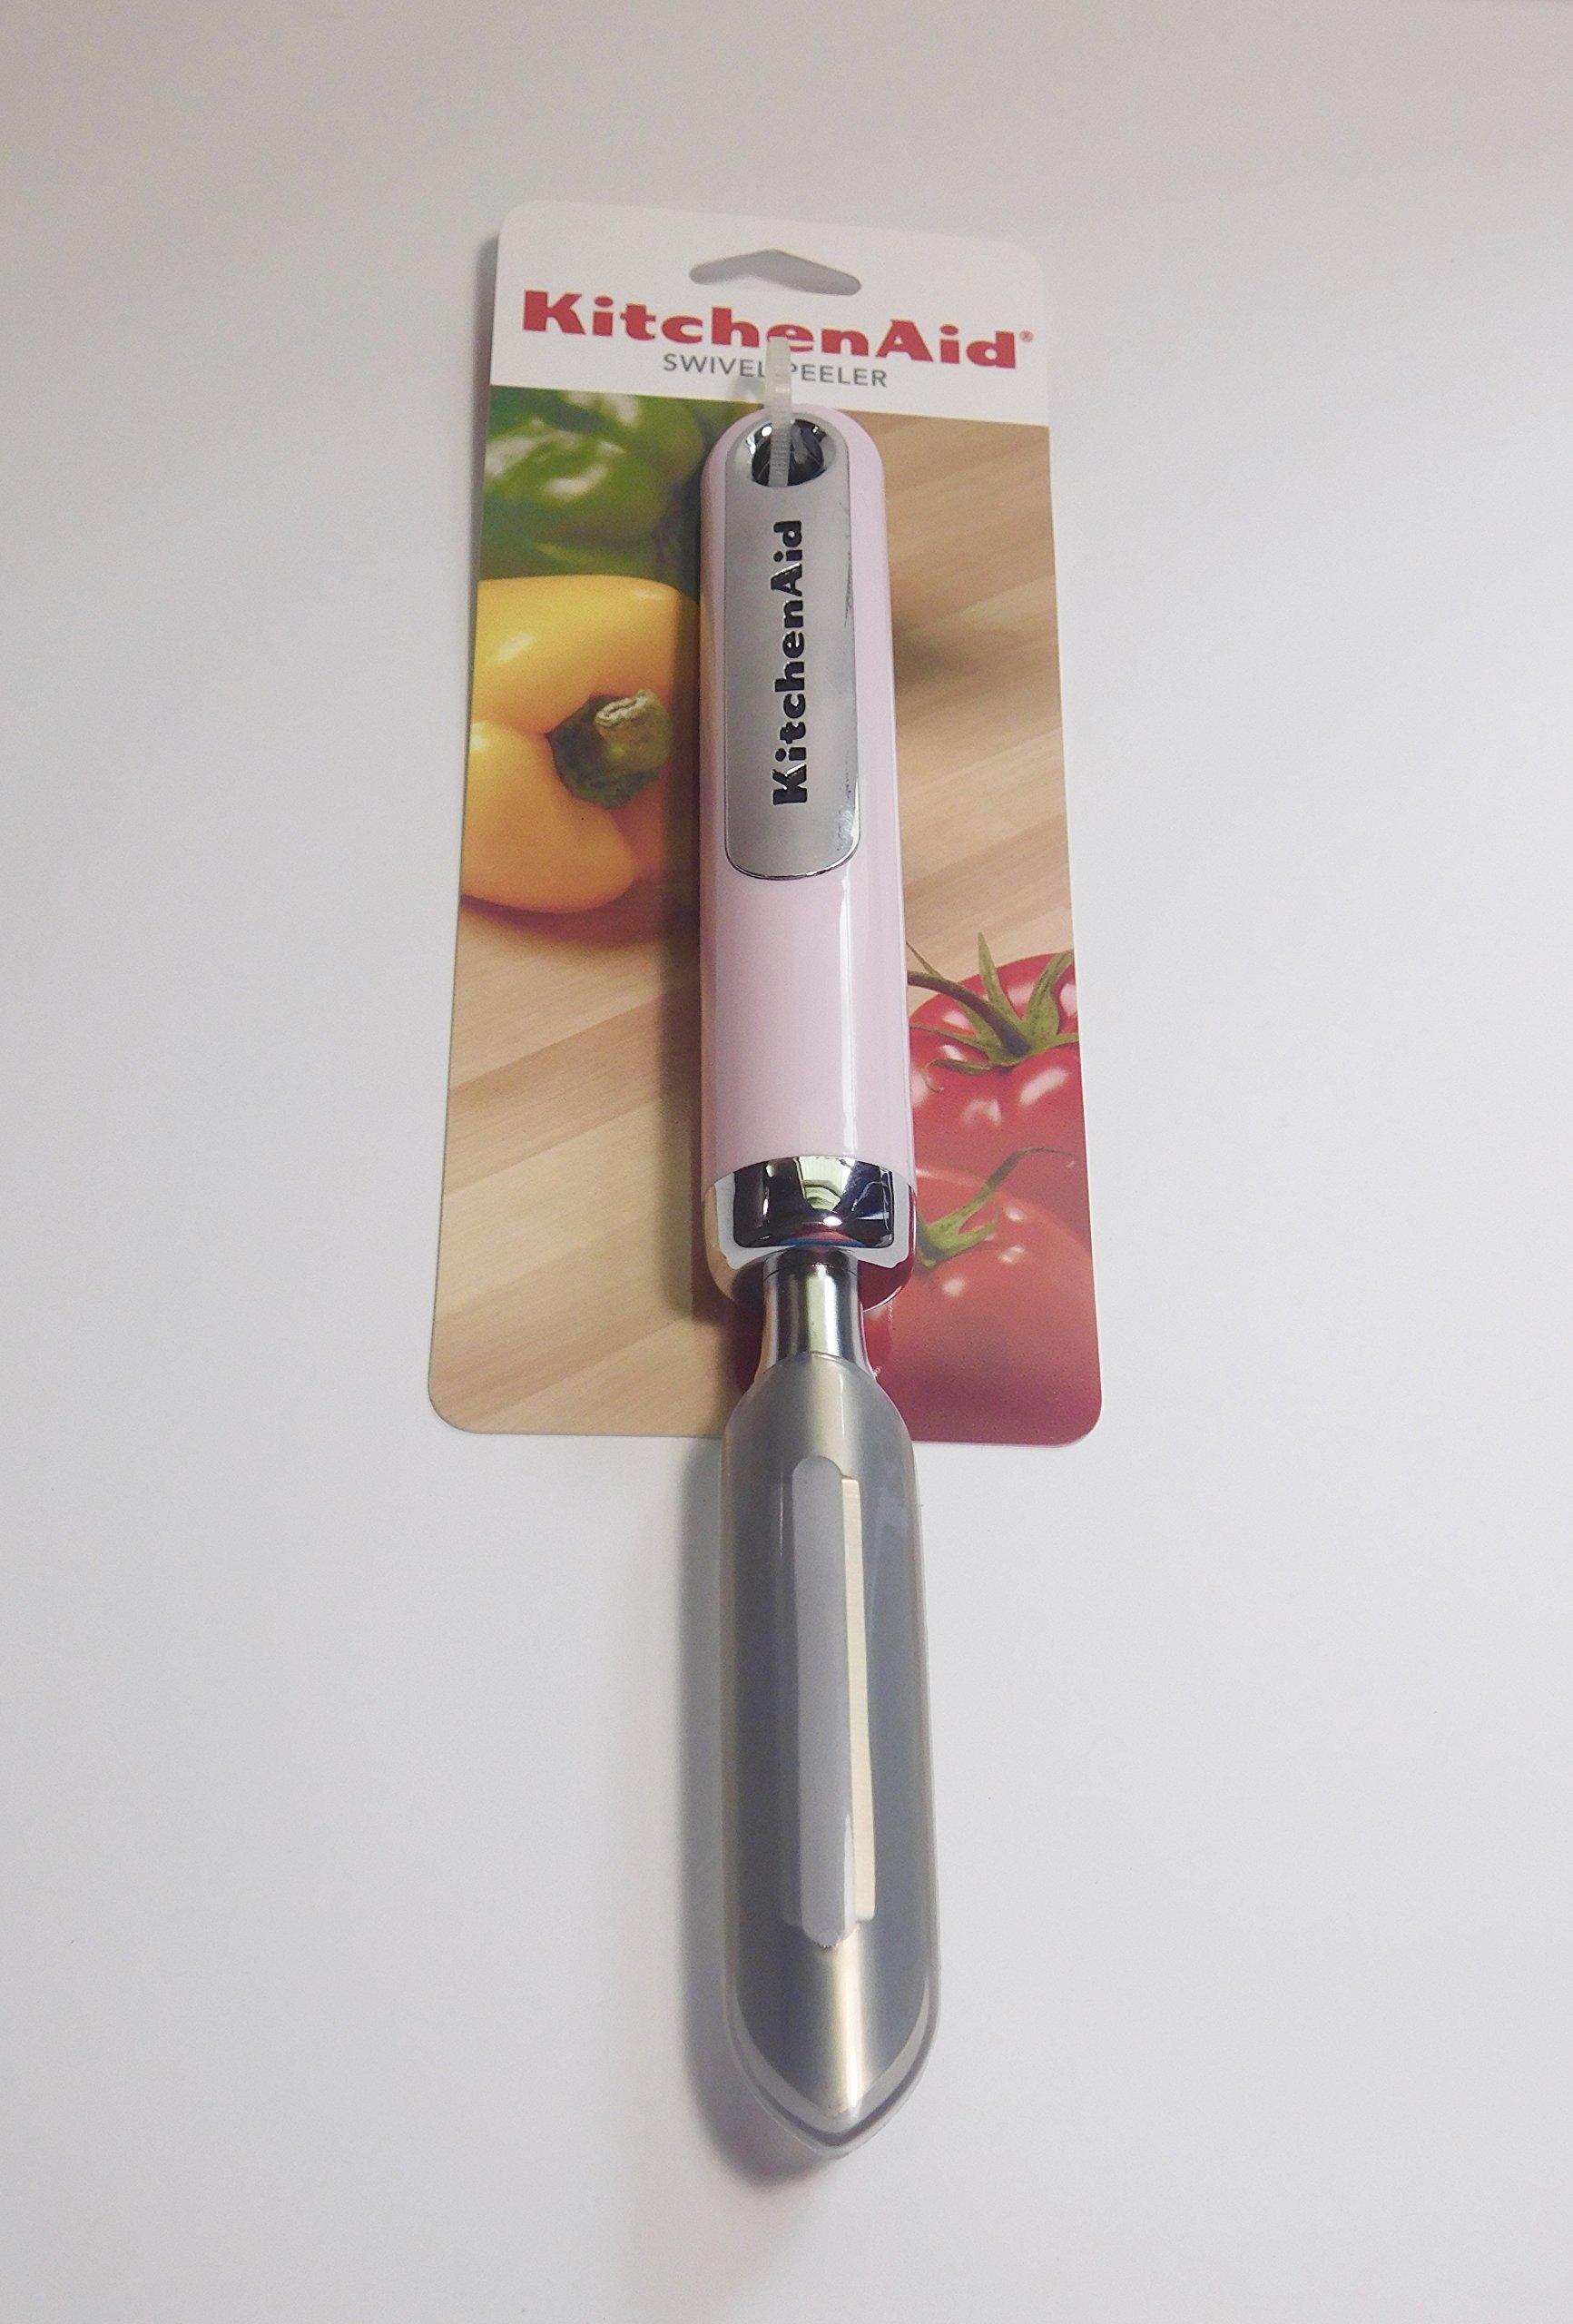 Pleasant Cheap Kitchenaid Pink Utensils Find Kitchenaid Pink Interior Design Ideas Clesiryabchikinfo